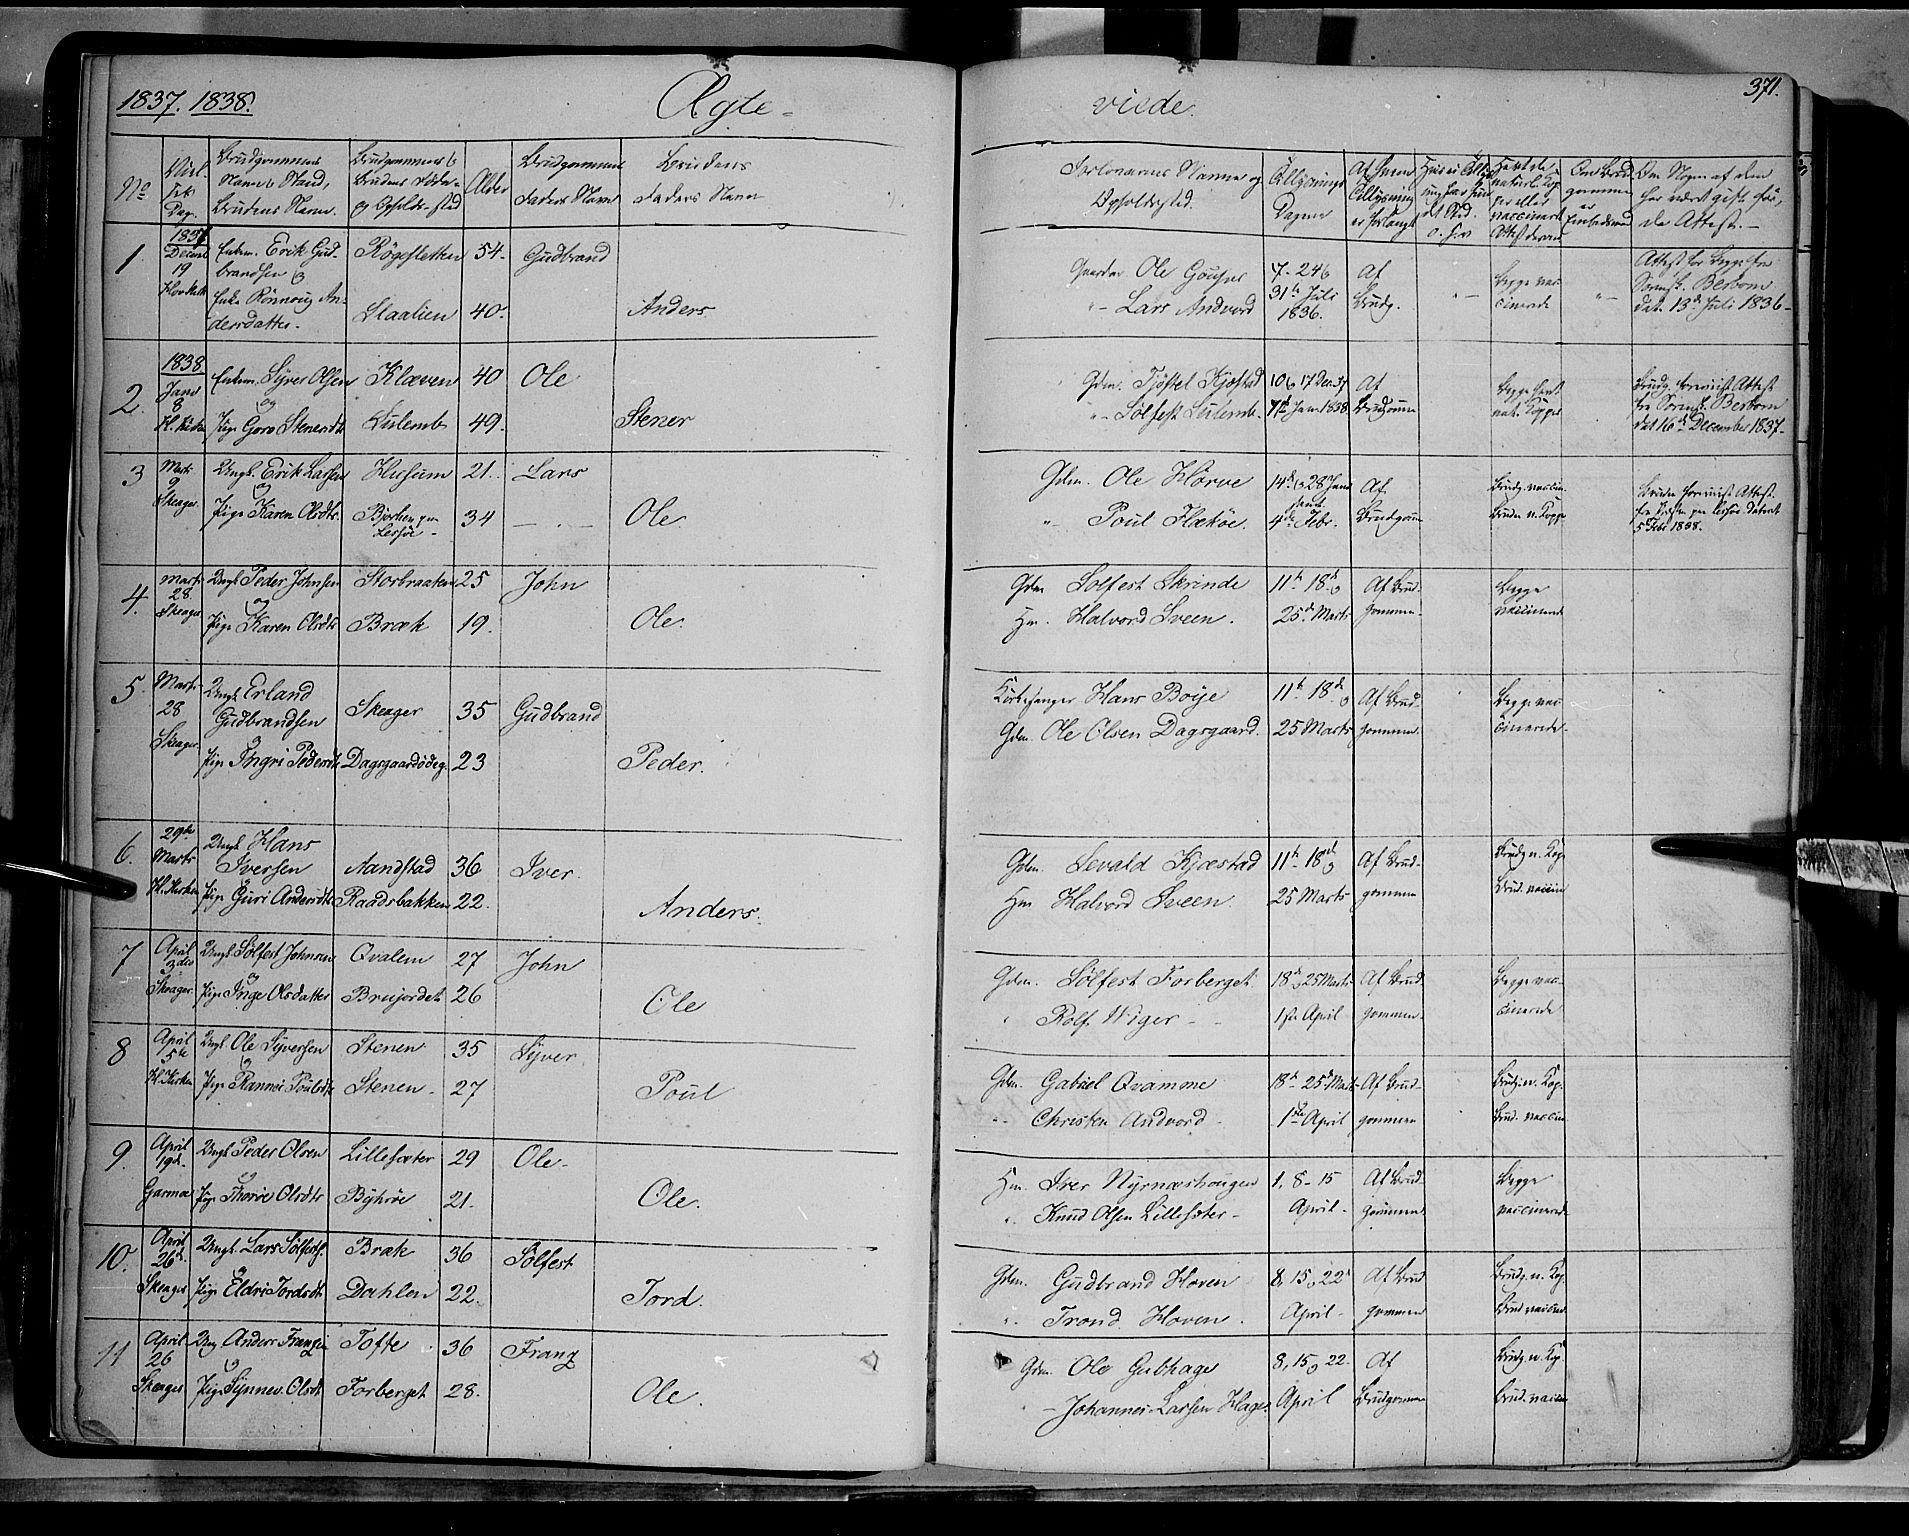 SAH, Lom prestekontor, K/L0006: Ministerialbok nr. 6B, 1837-1863, s. 371